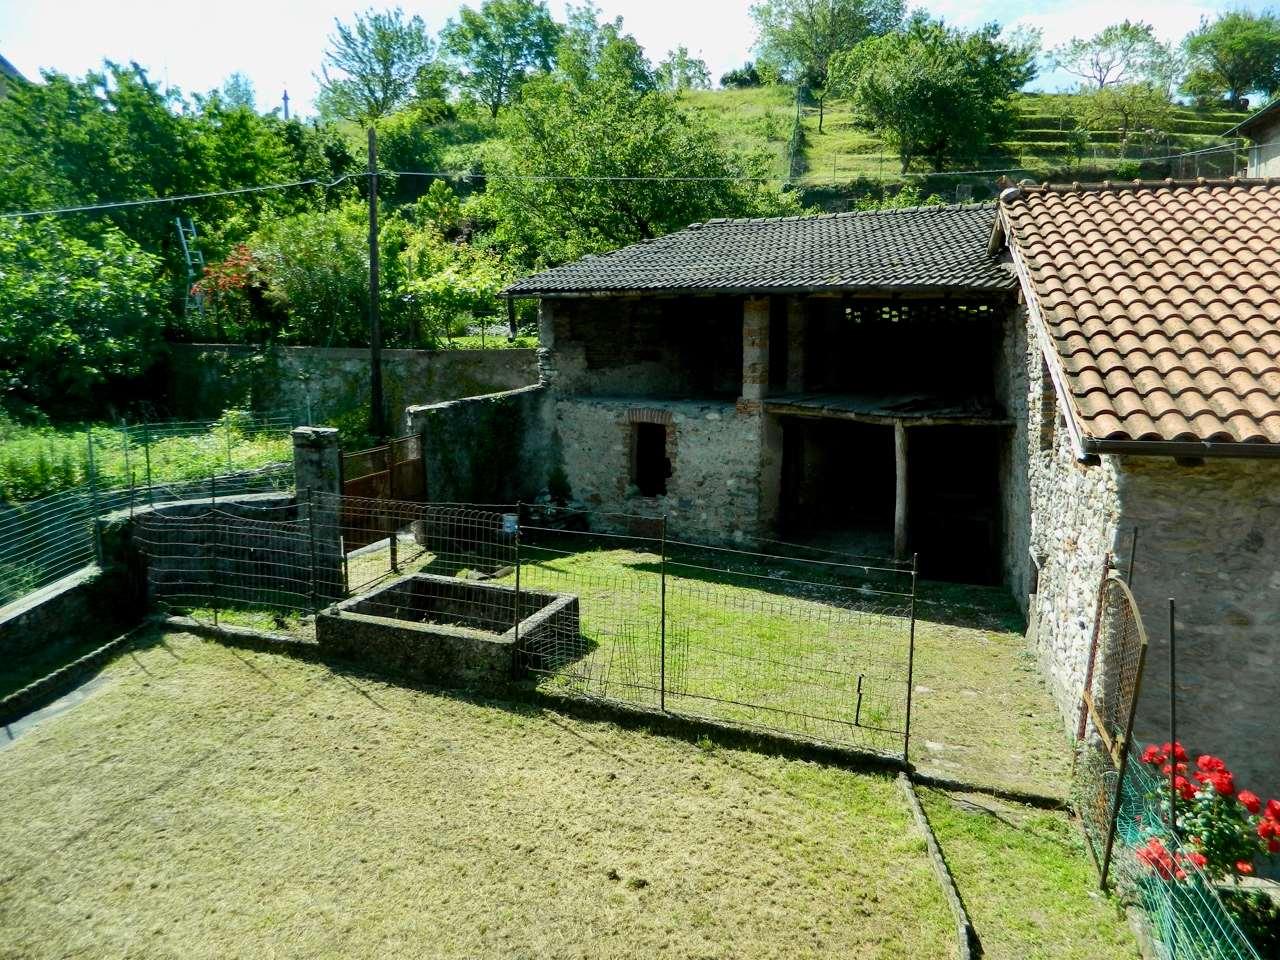 Appartamento in vendita a Brenta, 8 locali, prezzo € 68.000 | CambioCasa.it